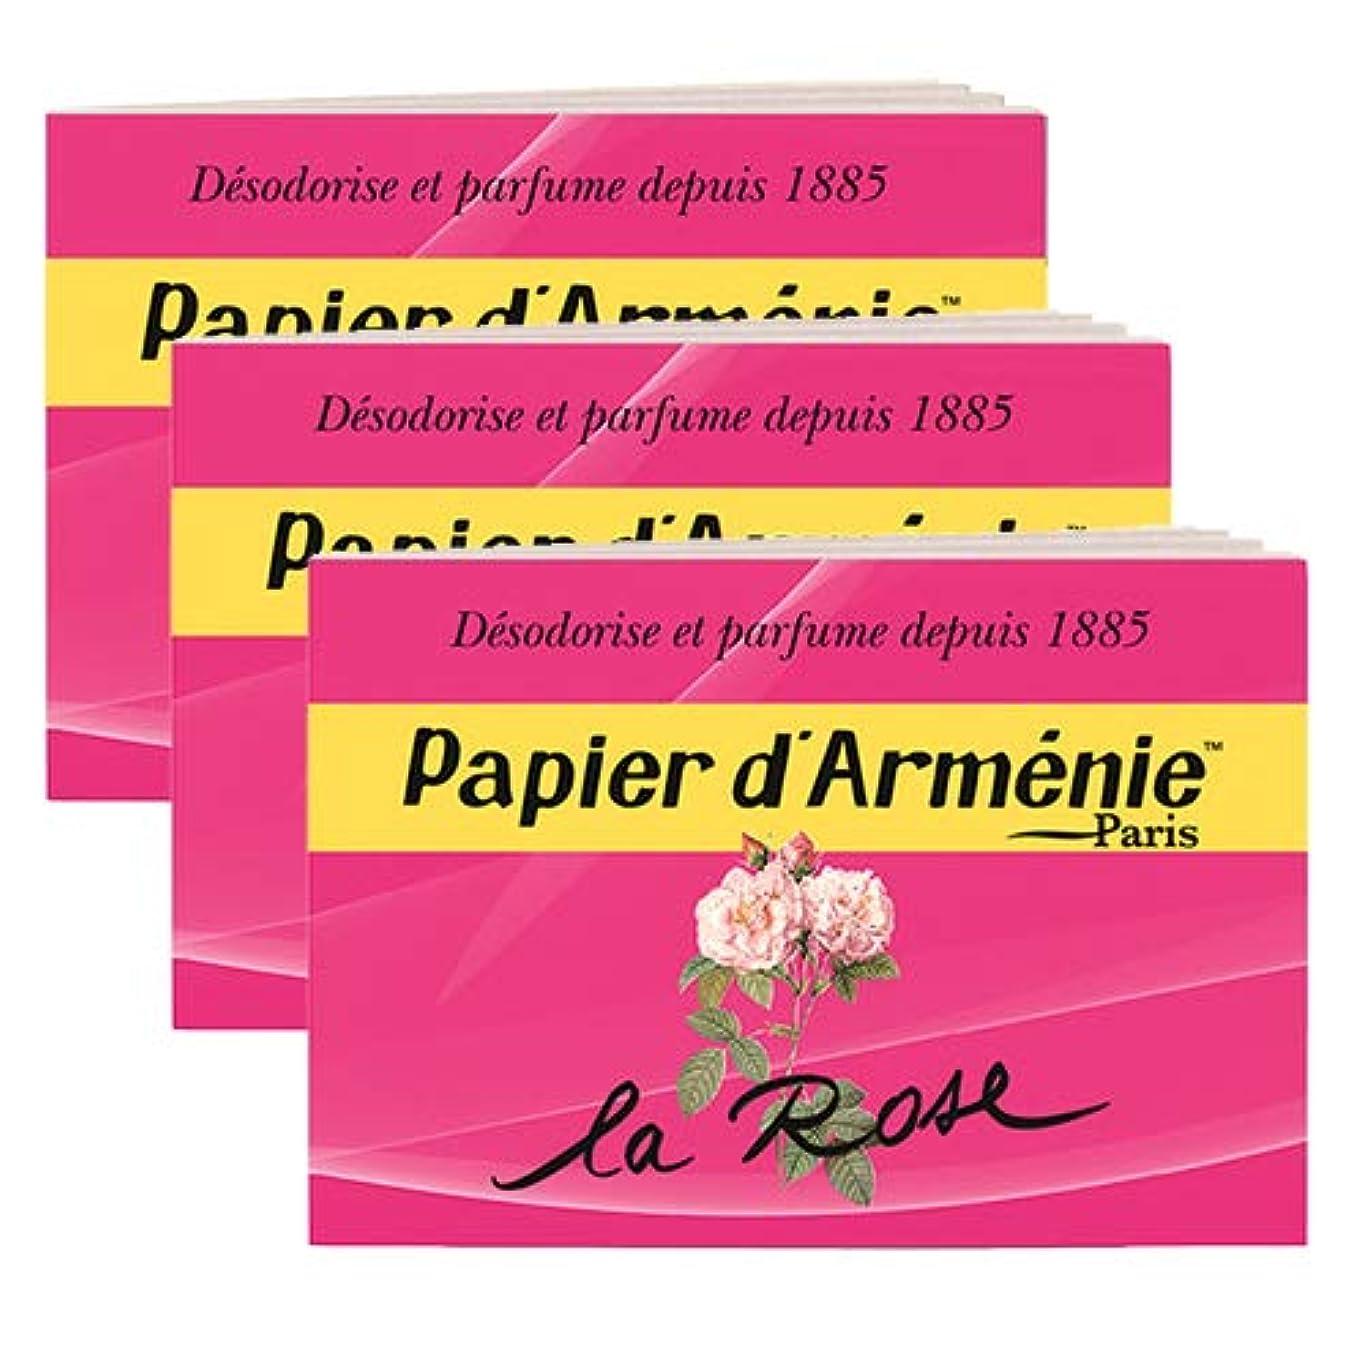 大破変形誤【パピエダルメニイ】トリプル 3×12枚(36回分) 3個セット ローズ 紙のお香 インセンス アロマペーパー PAPIER D'ARMENIE [並行輸入品]